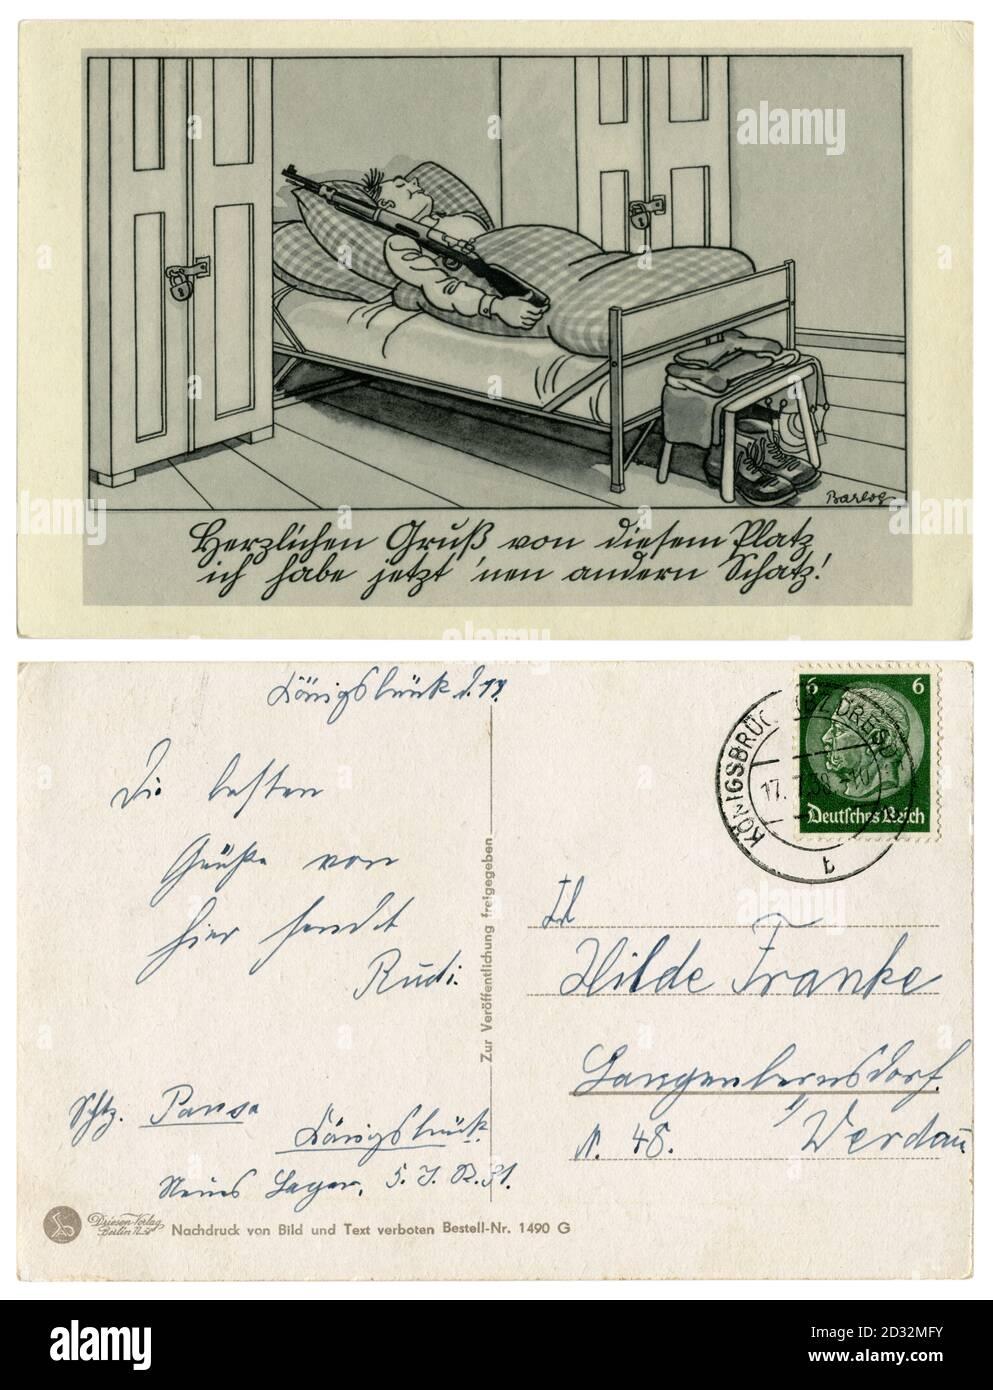 Carte postale historique allemande : le soldat est endormi, le service est en marche. Il dort avec un fusil dans son lit, série satirique, par Barlog, 1939 Banque D'Images